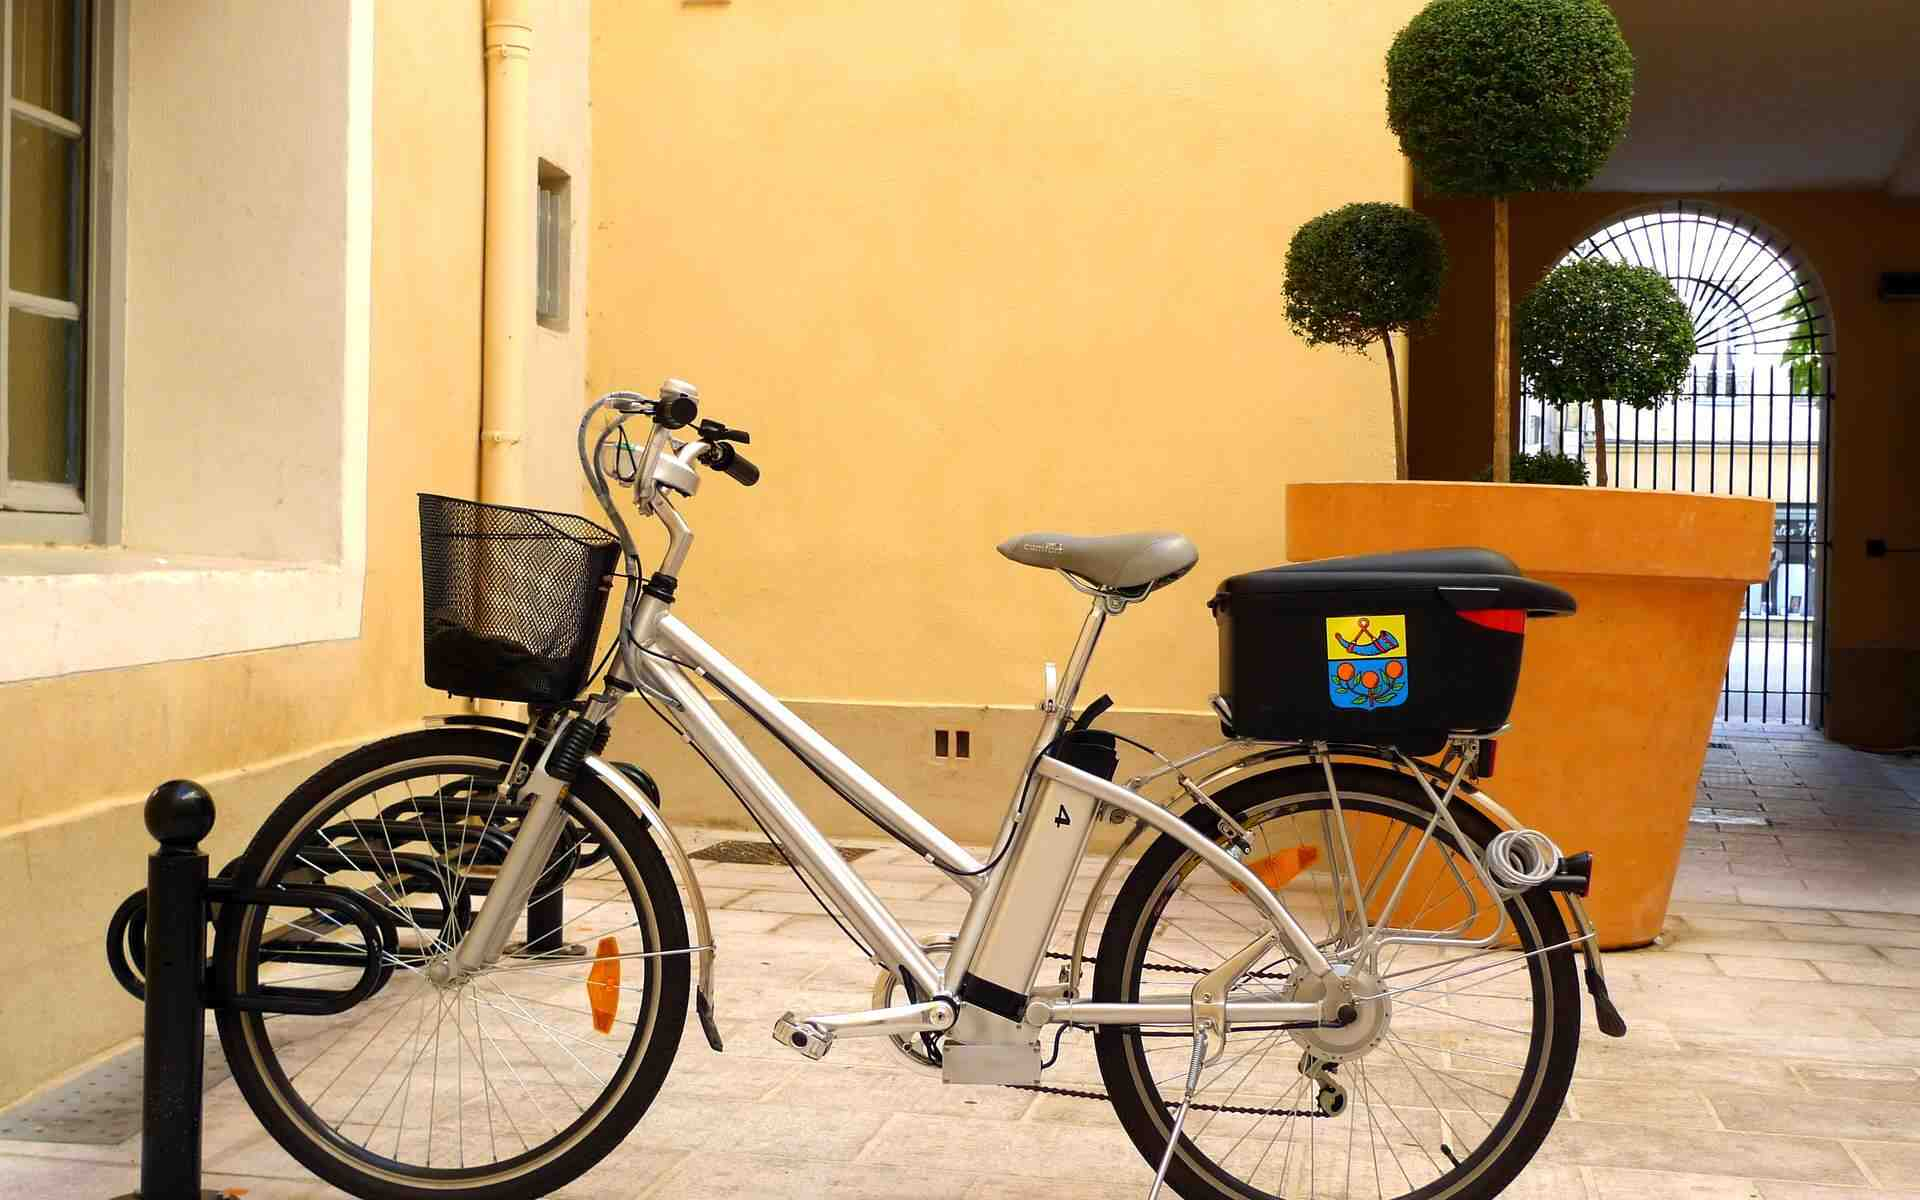 Quels critères pour choisir un vélo électrique?